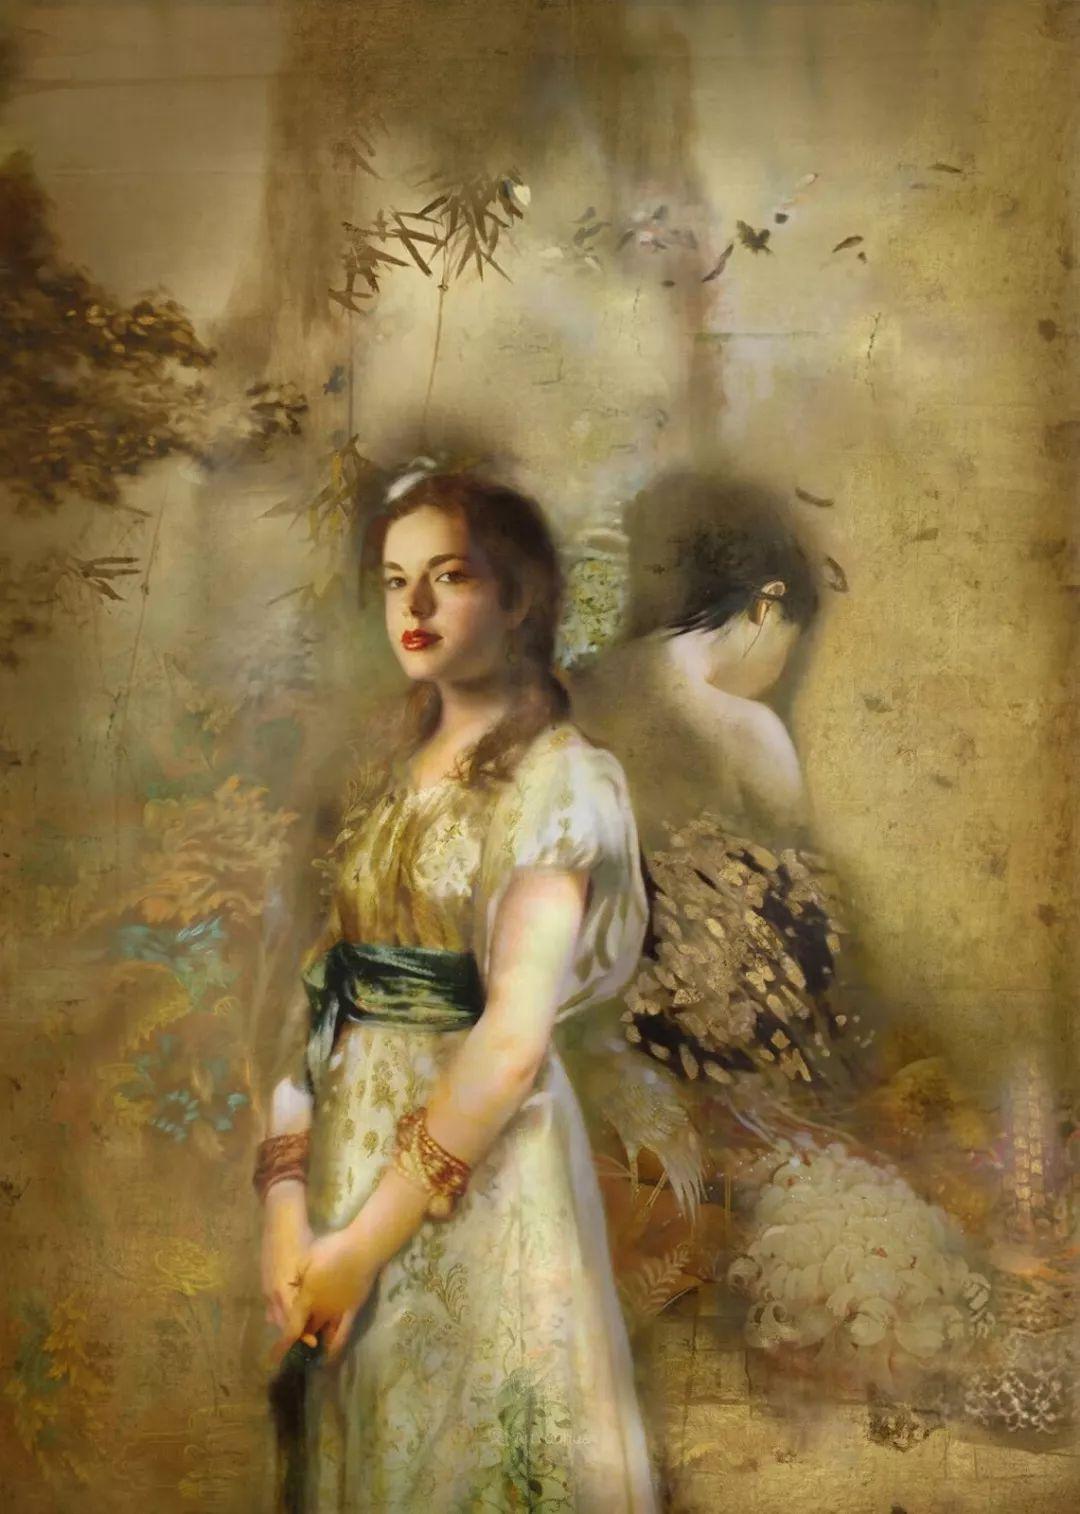 传统绘画与后现代元素的结合,英国画家伊娃·特洛伊插图7